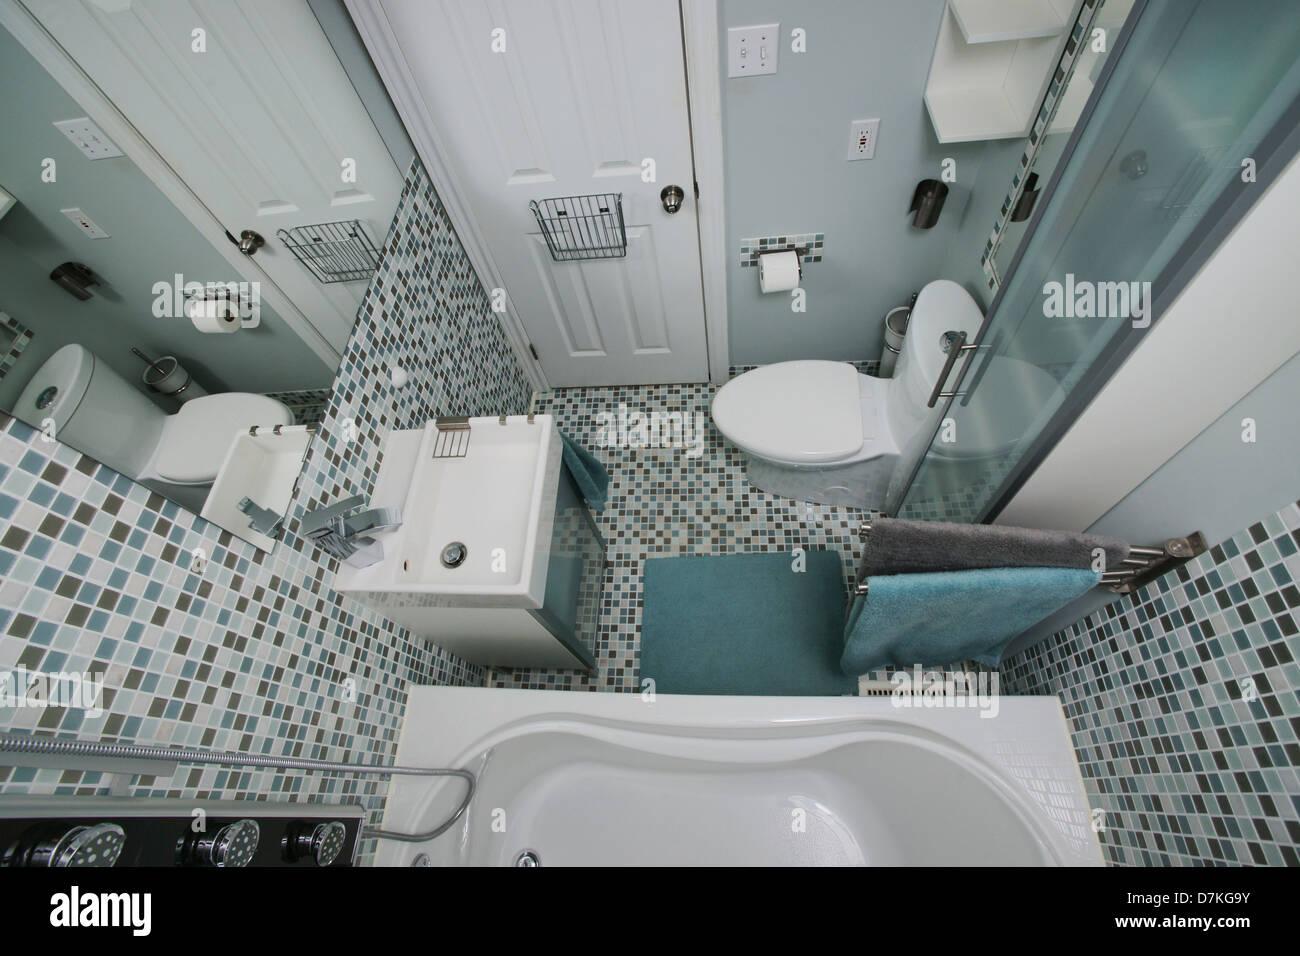 Piccolo e moderno bagno interno piastrelle a mosaico bianco blu